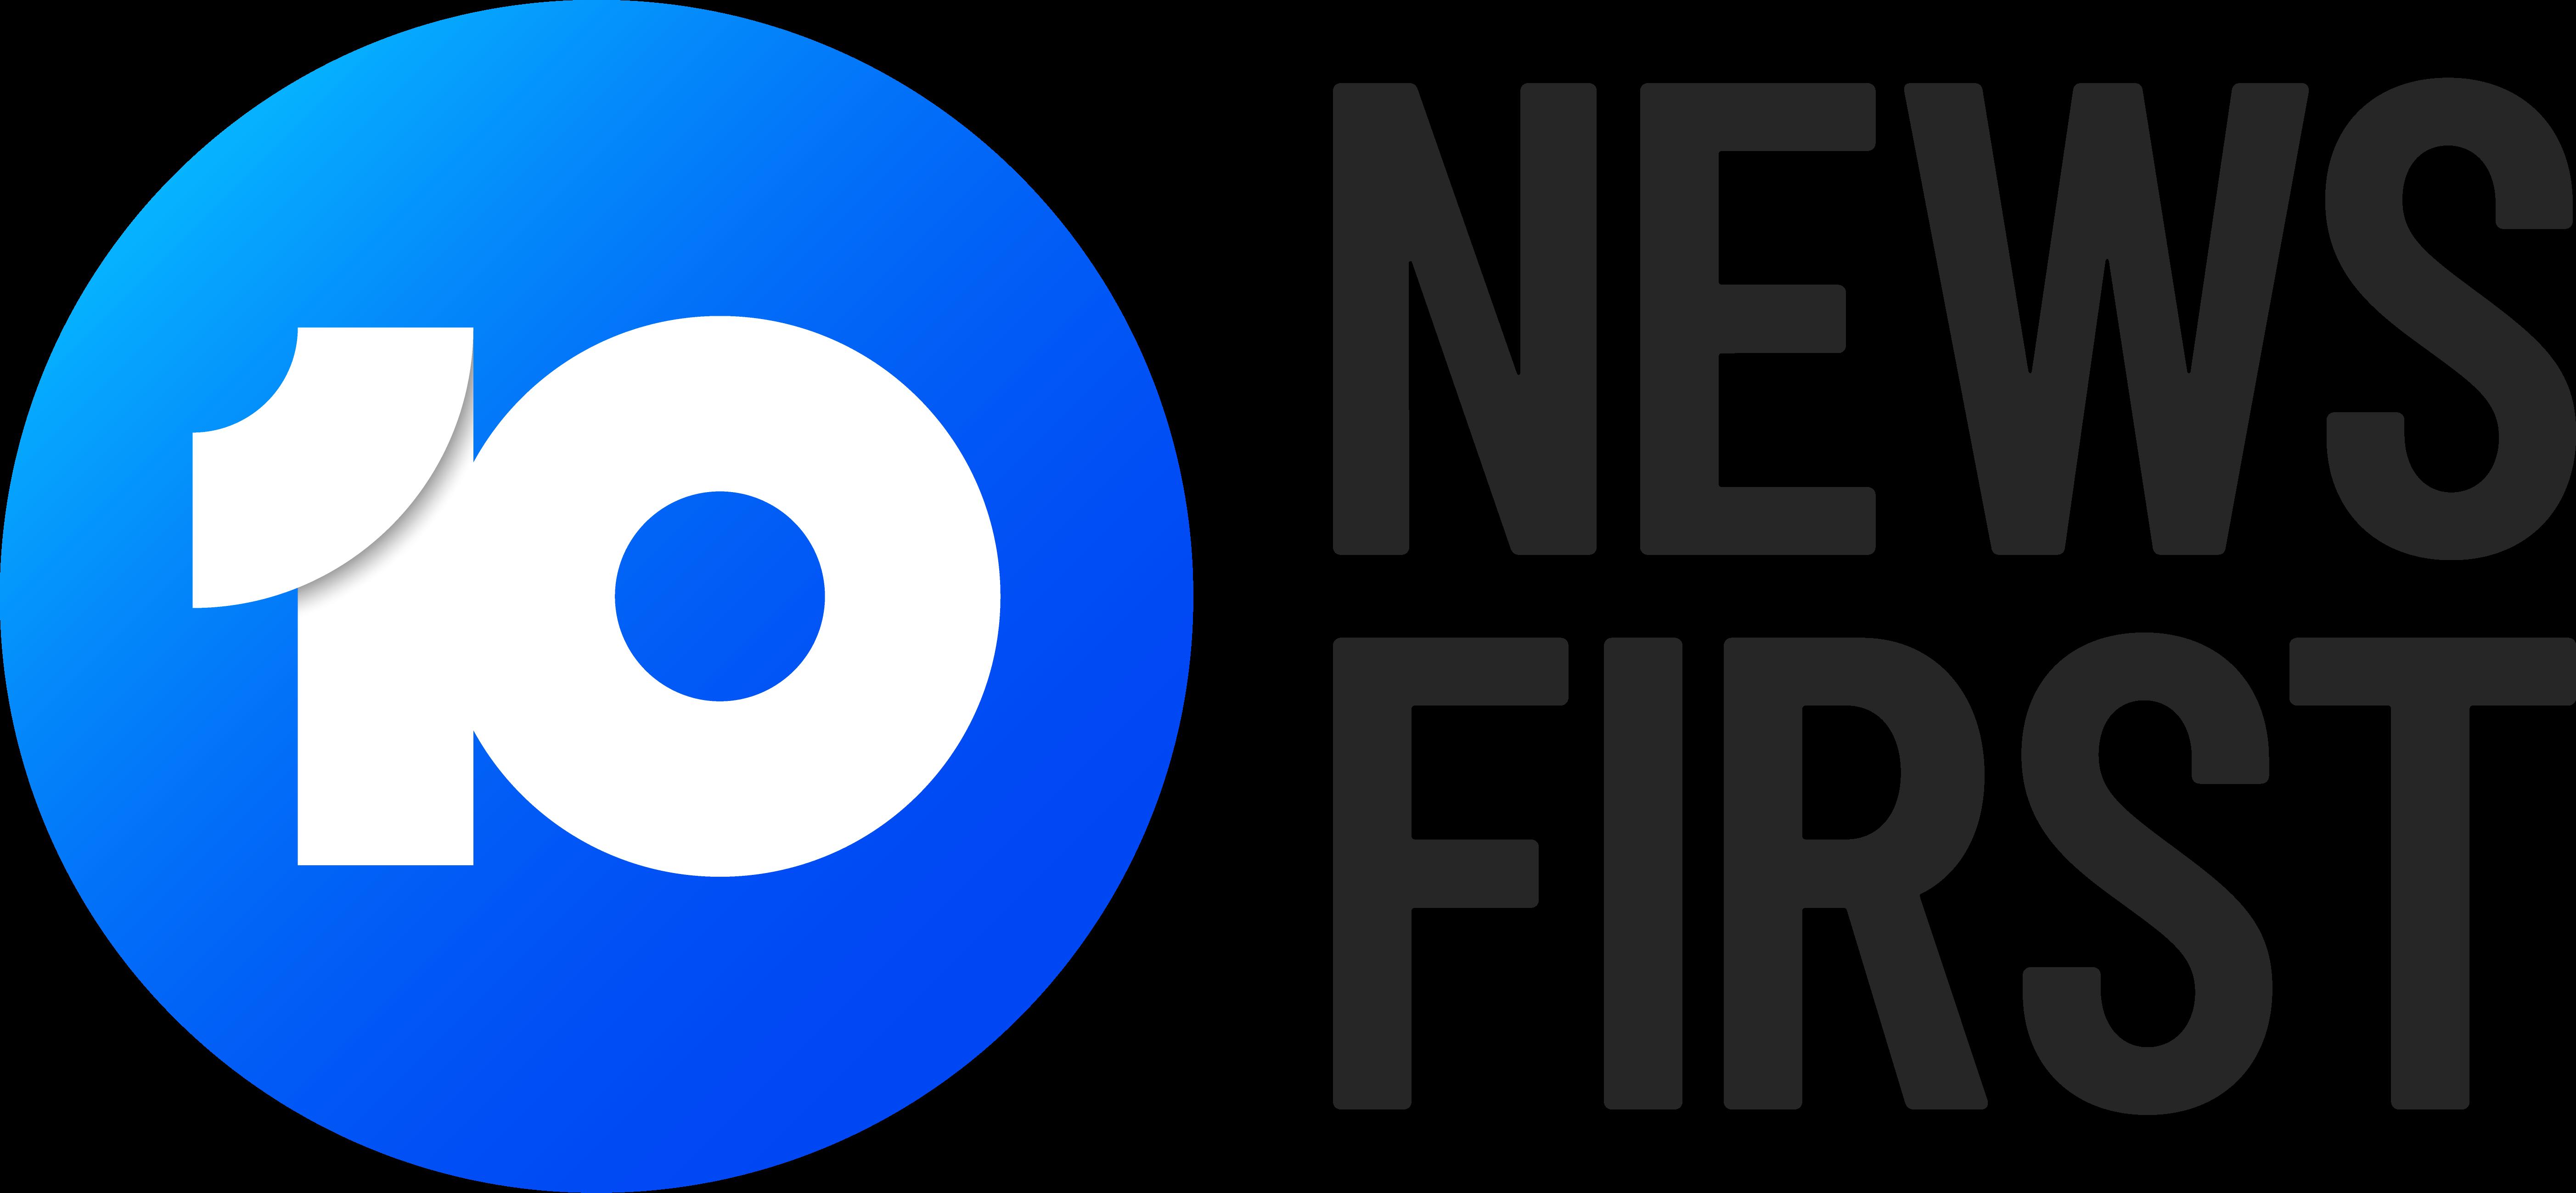 10 News First logo